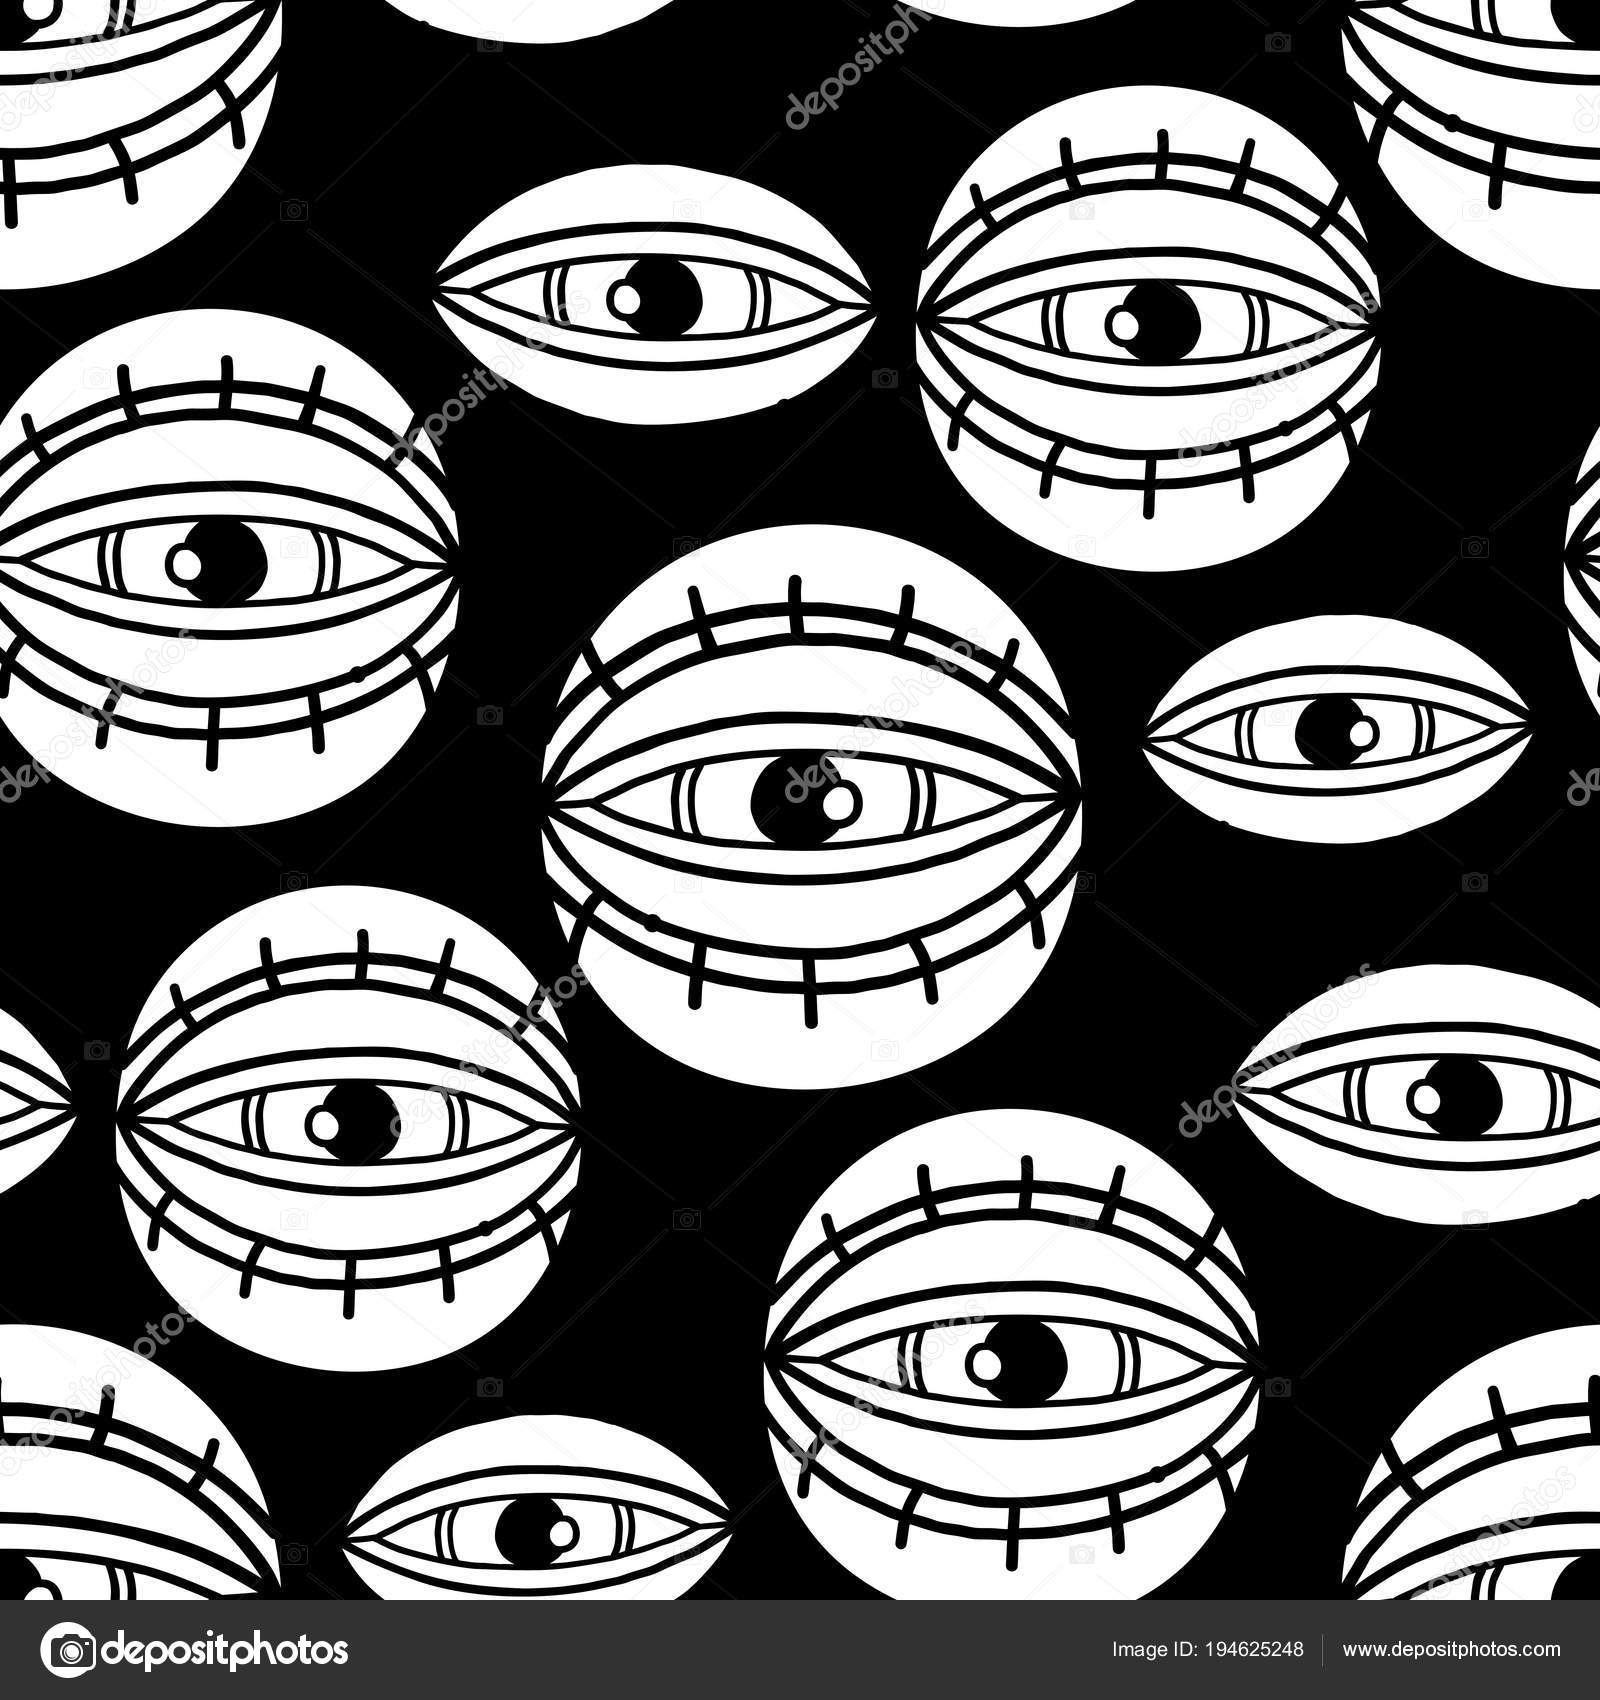 Ausgezeichnet Augen Malvorlagen Für Kinder Fotos - Beispiel Business ...